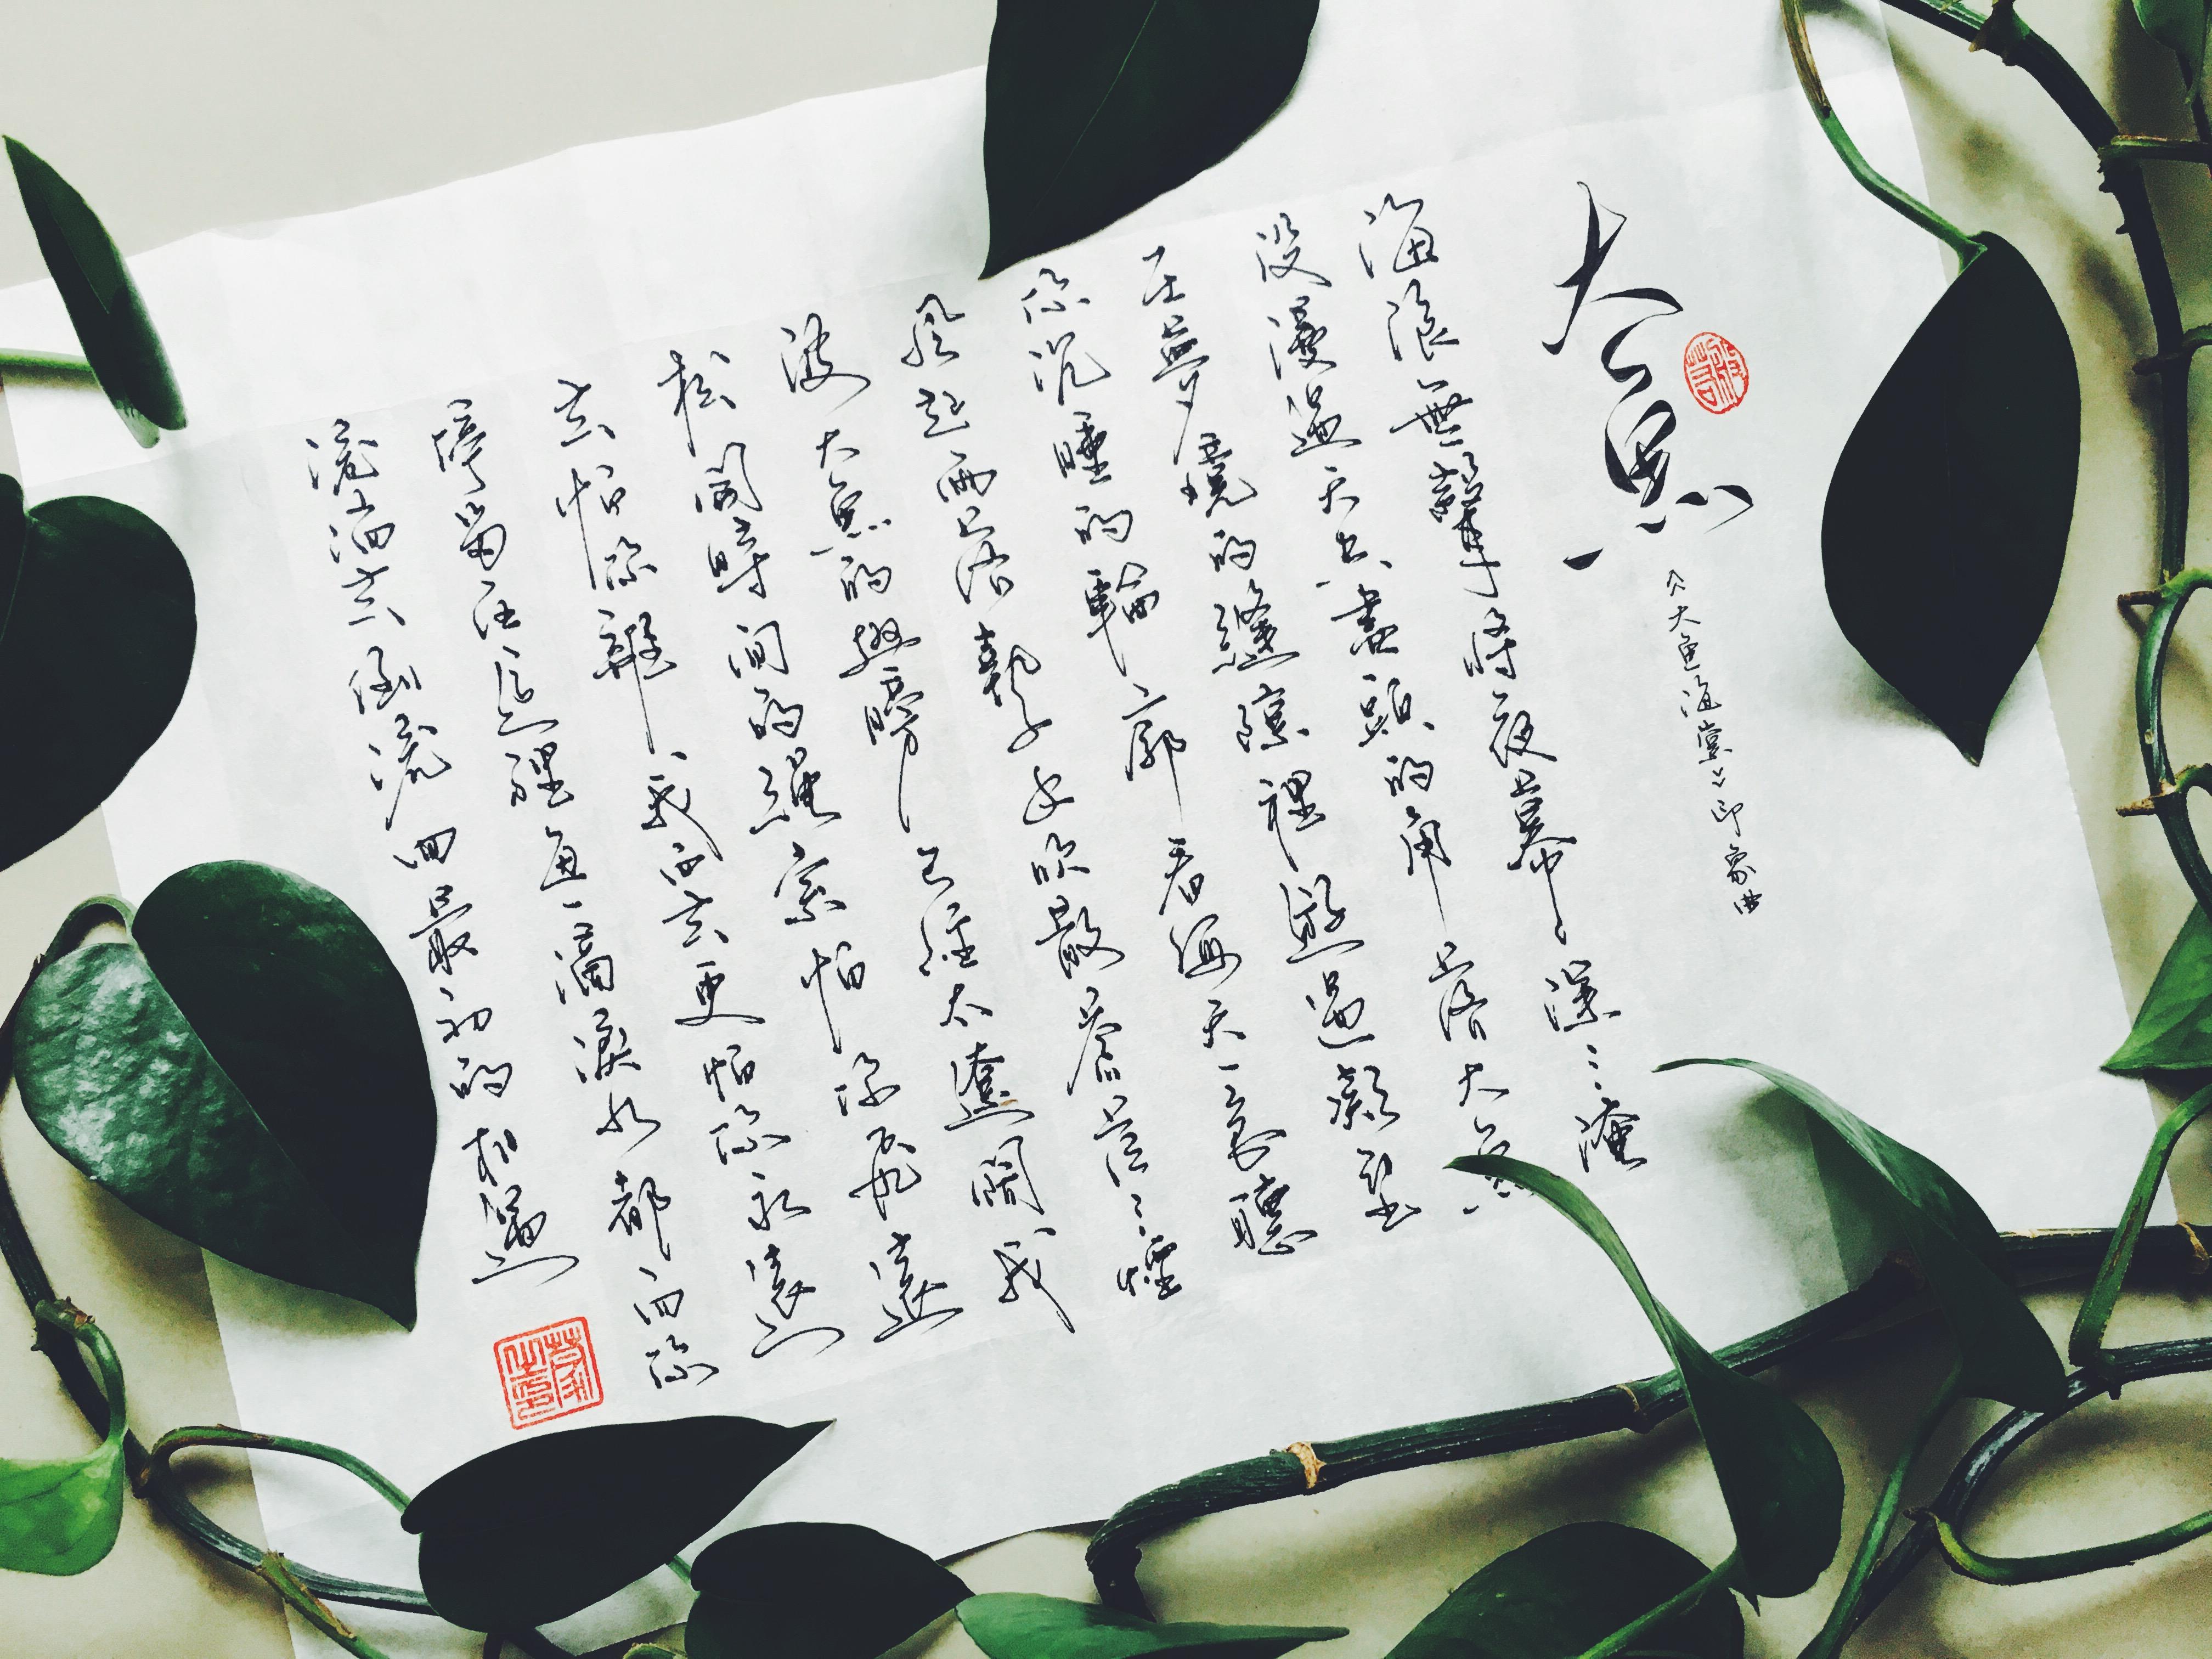 大鱼海棠12孔陶笛曲谱